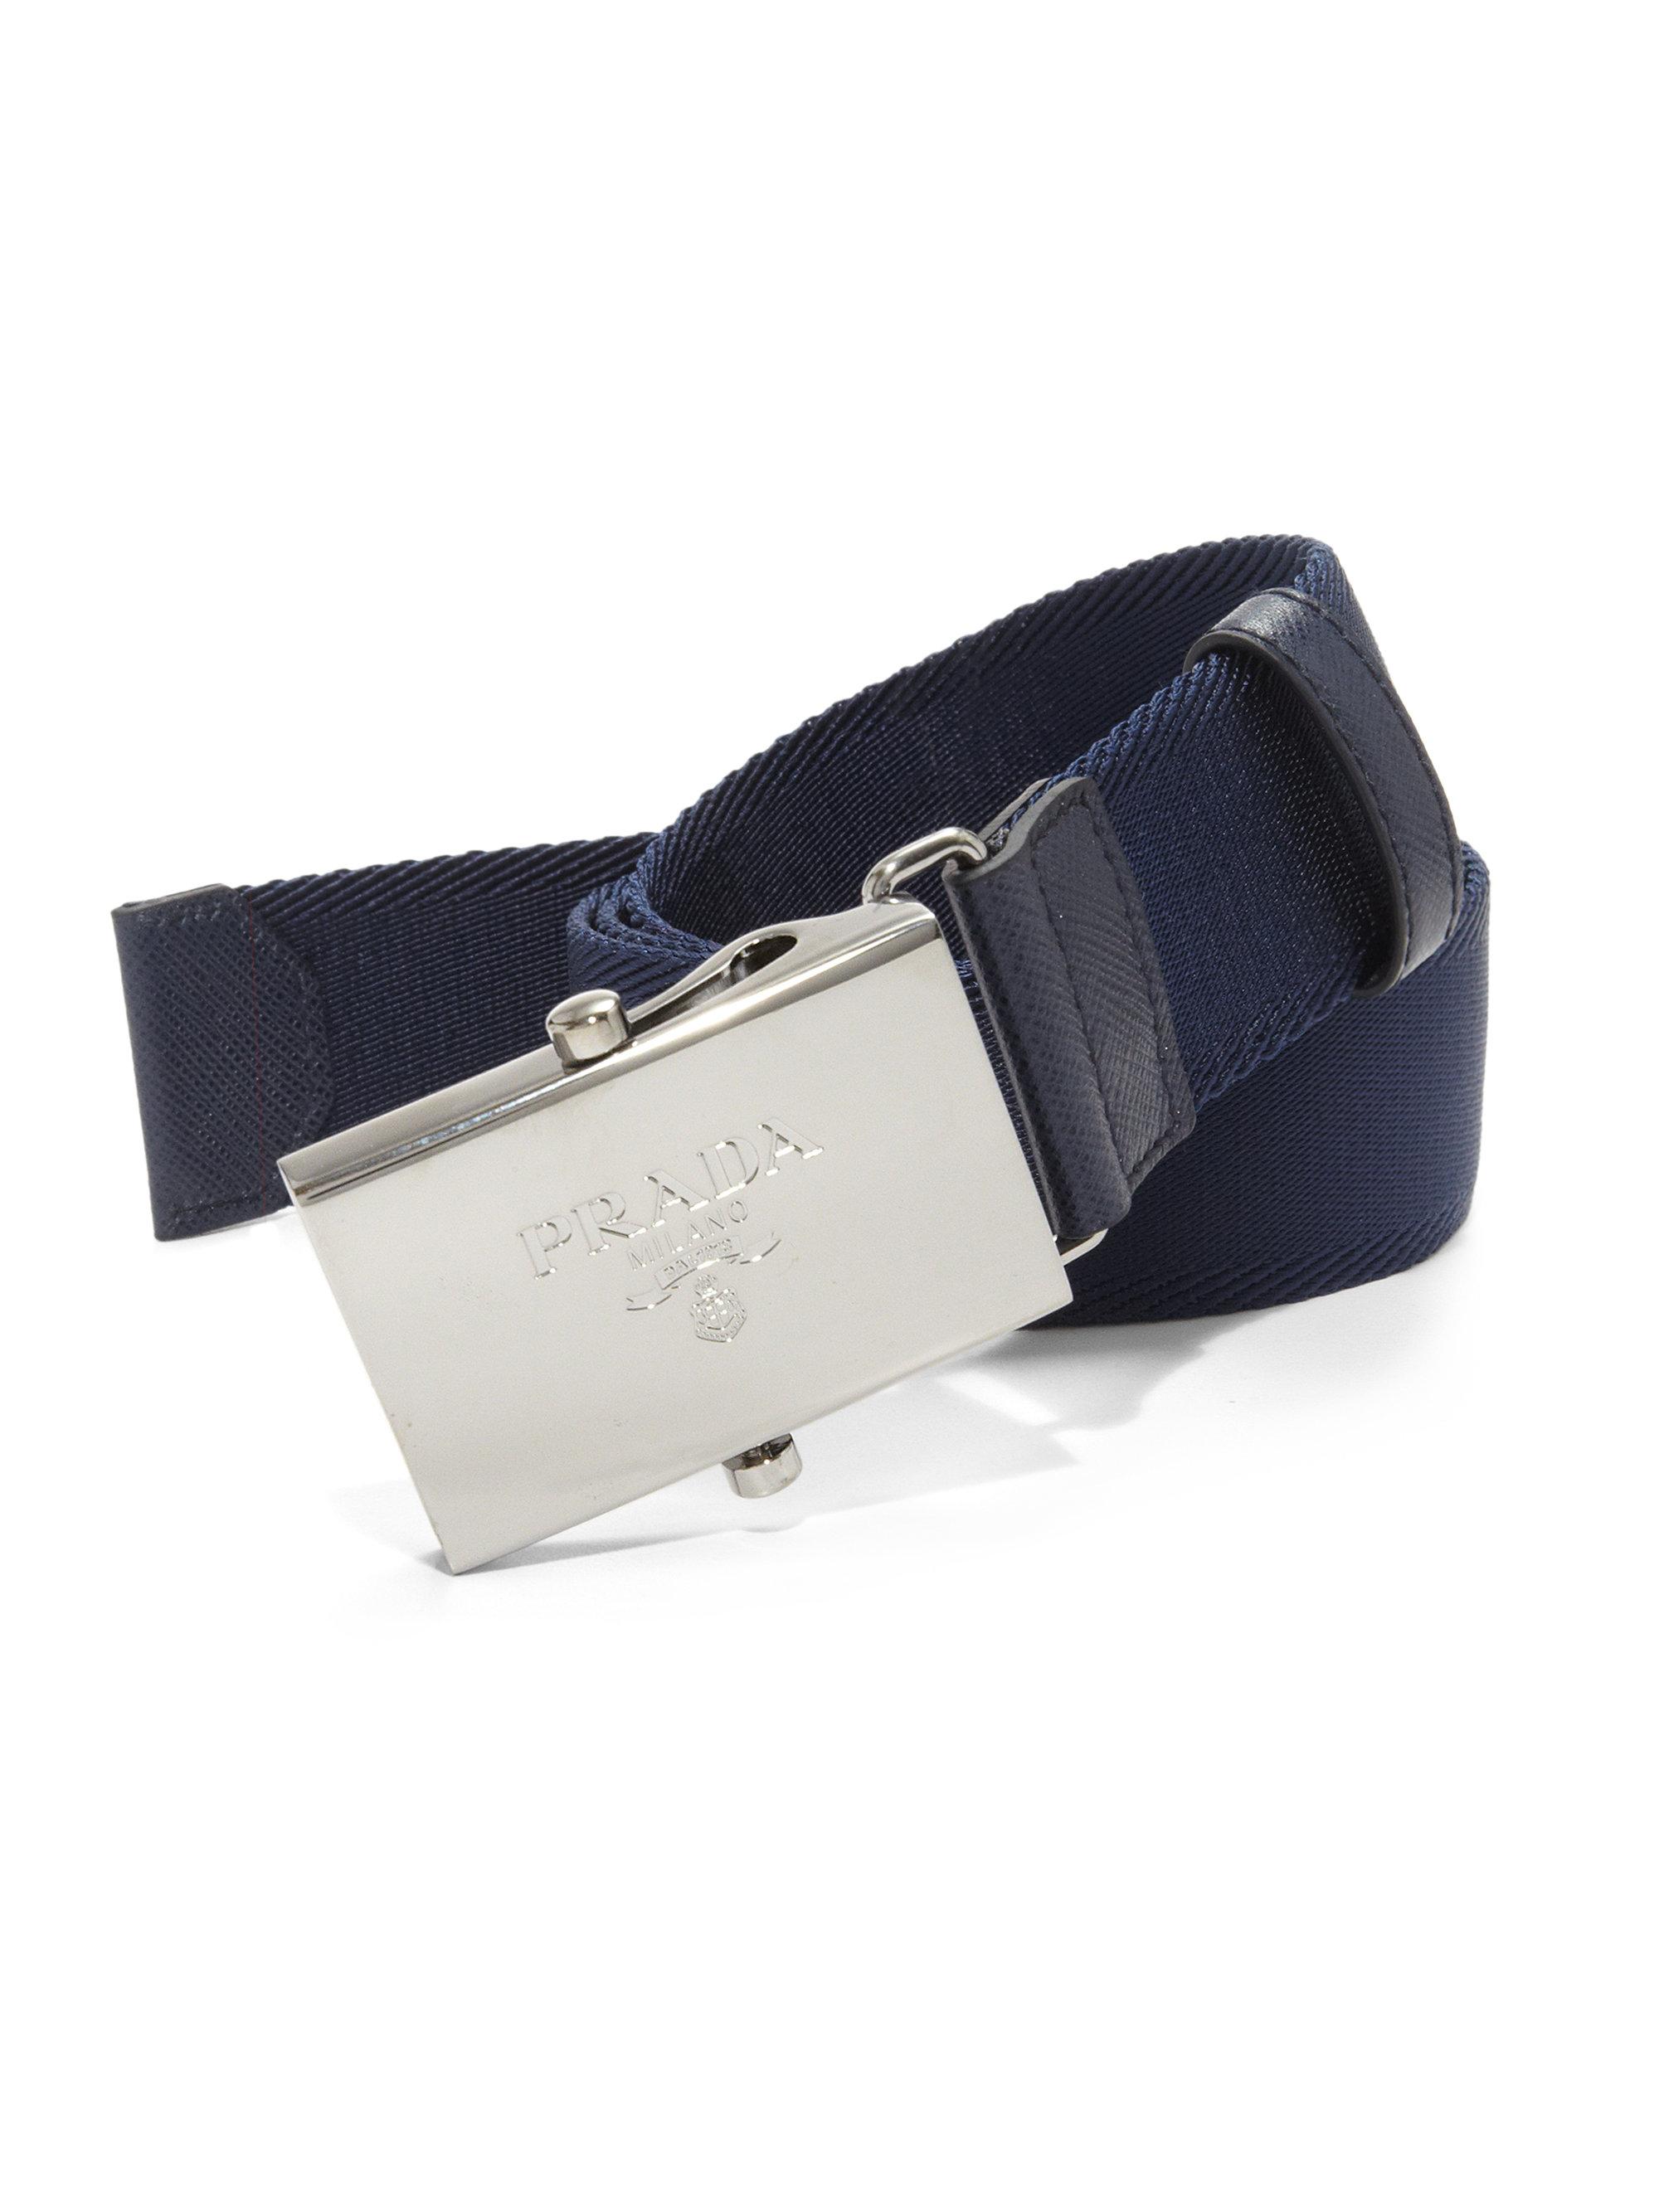 shopping prada black tessuto belt bag ace86 f0bfa  usa lyst prada nylon belt  in blue for men d099f a5f1c 0dd0bf0b960b7